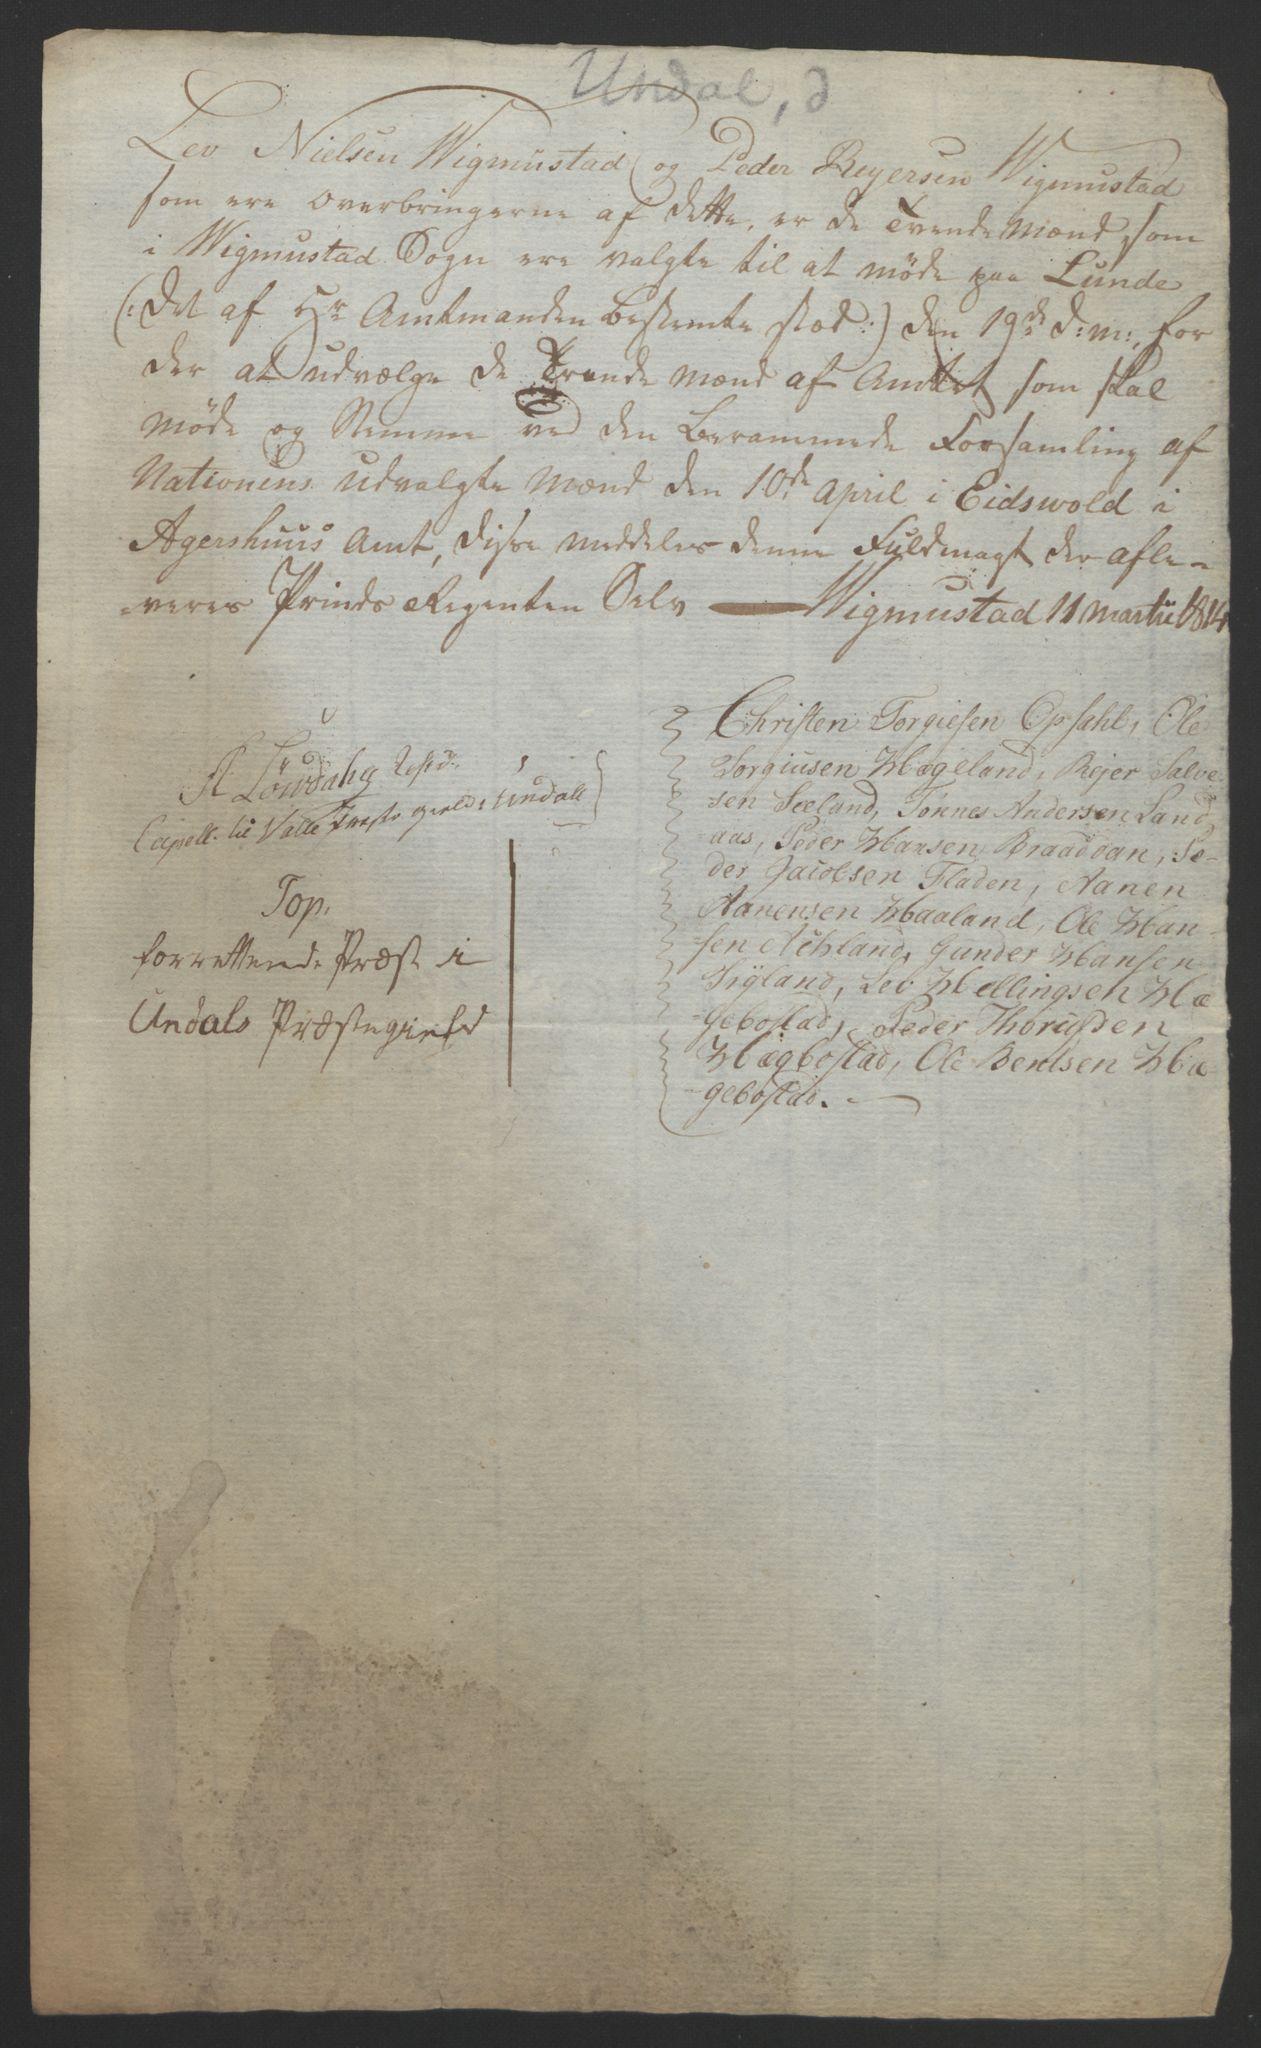 RA, Statsrådssekretariatet, D/Db/L0008: Fullmakter for Eidsvollsrepresentantene i 1814. , 1814, s. 141